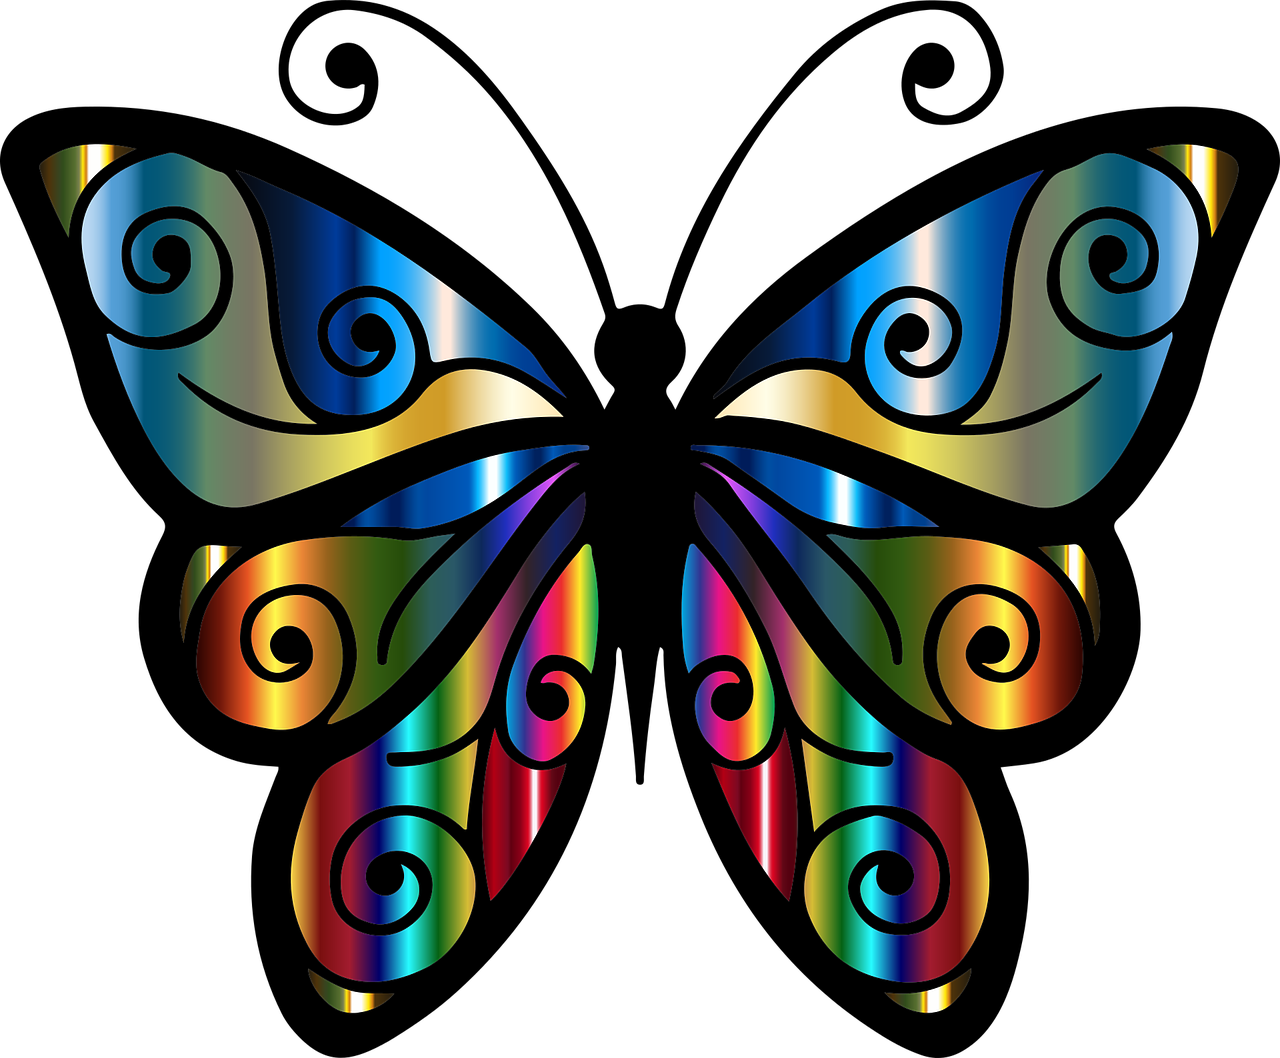 Юбилей картинки, картинки бабочки для детей для открытки